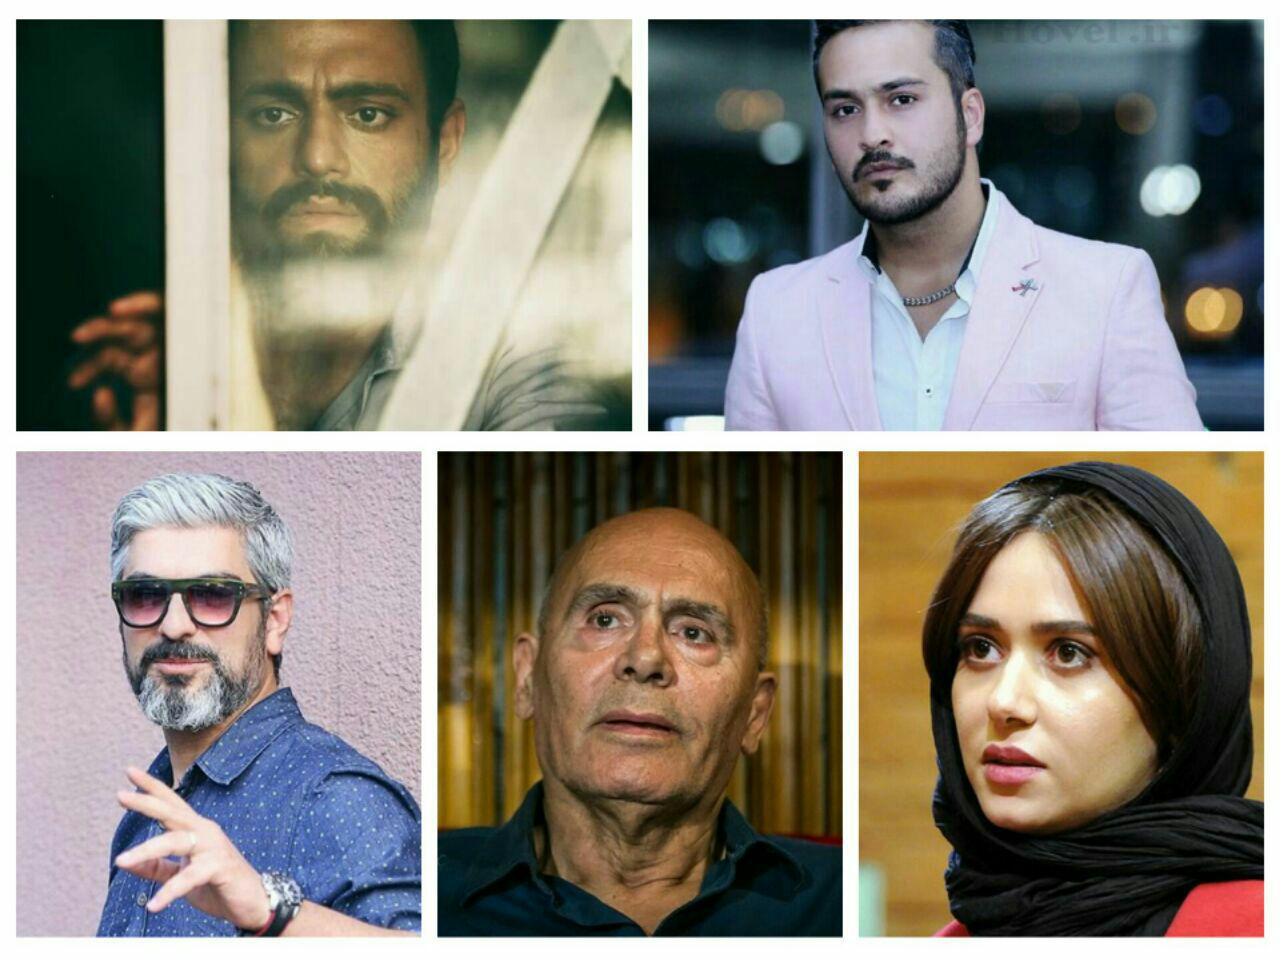 پرکارترین بازیگران ایرانی در جشنواره جهانی فجر چه کسانی هستند؟